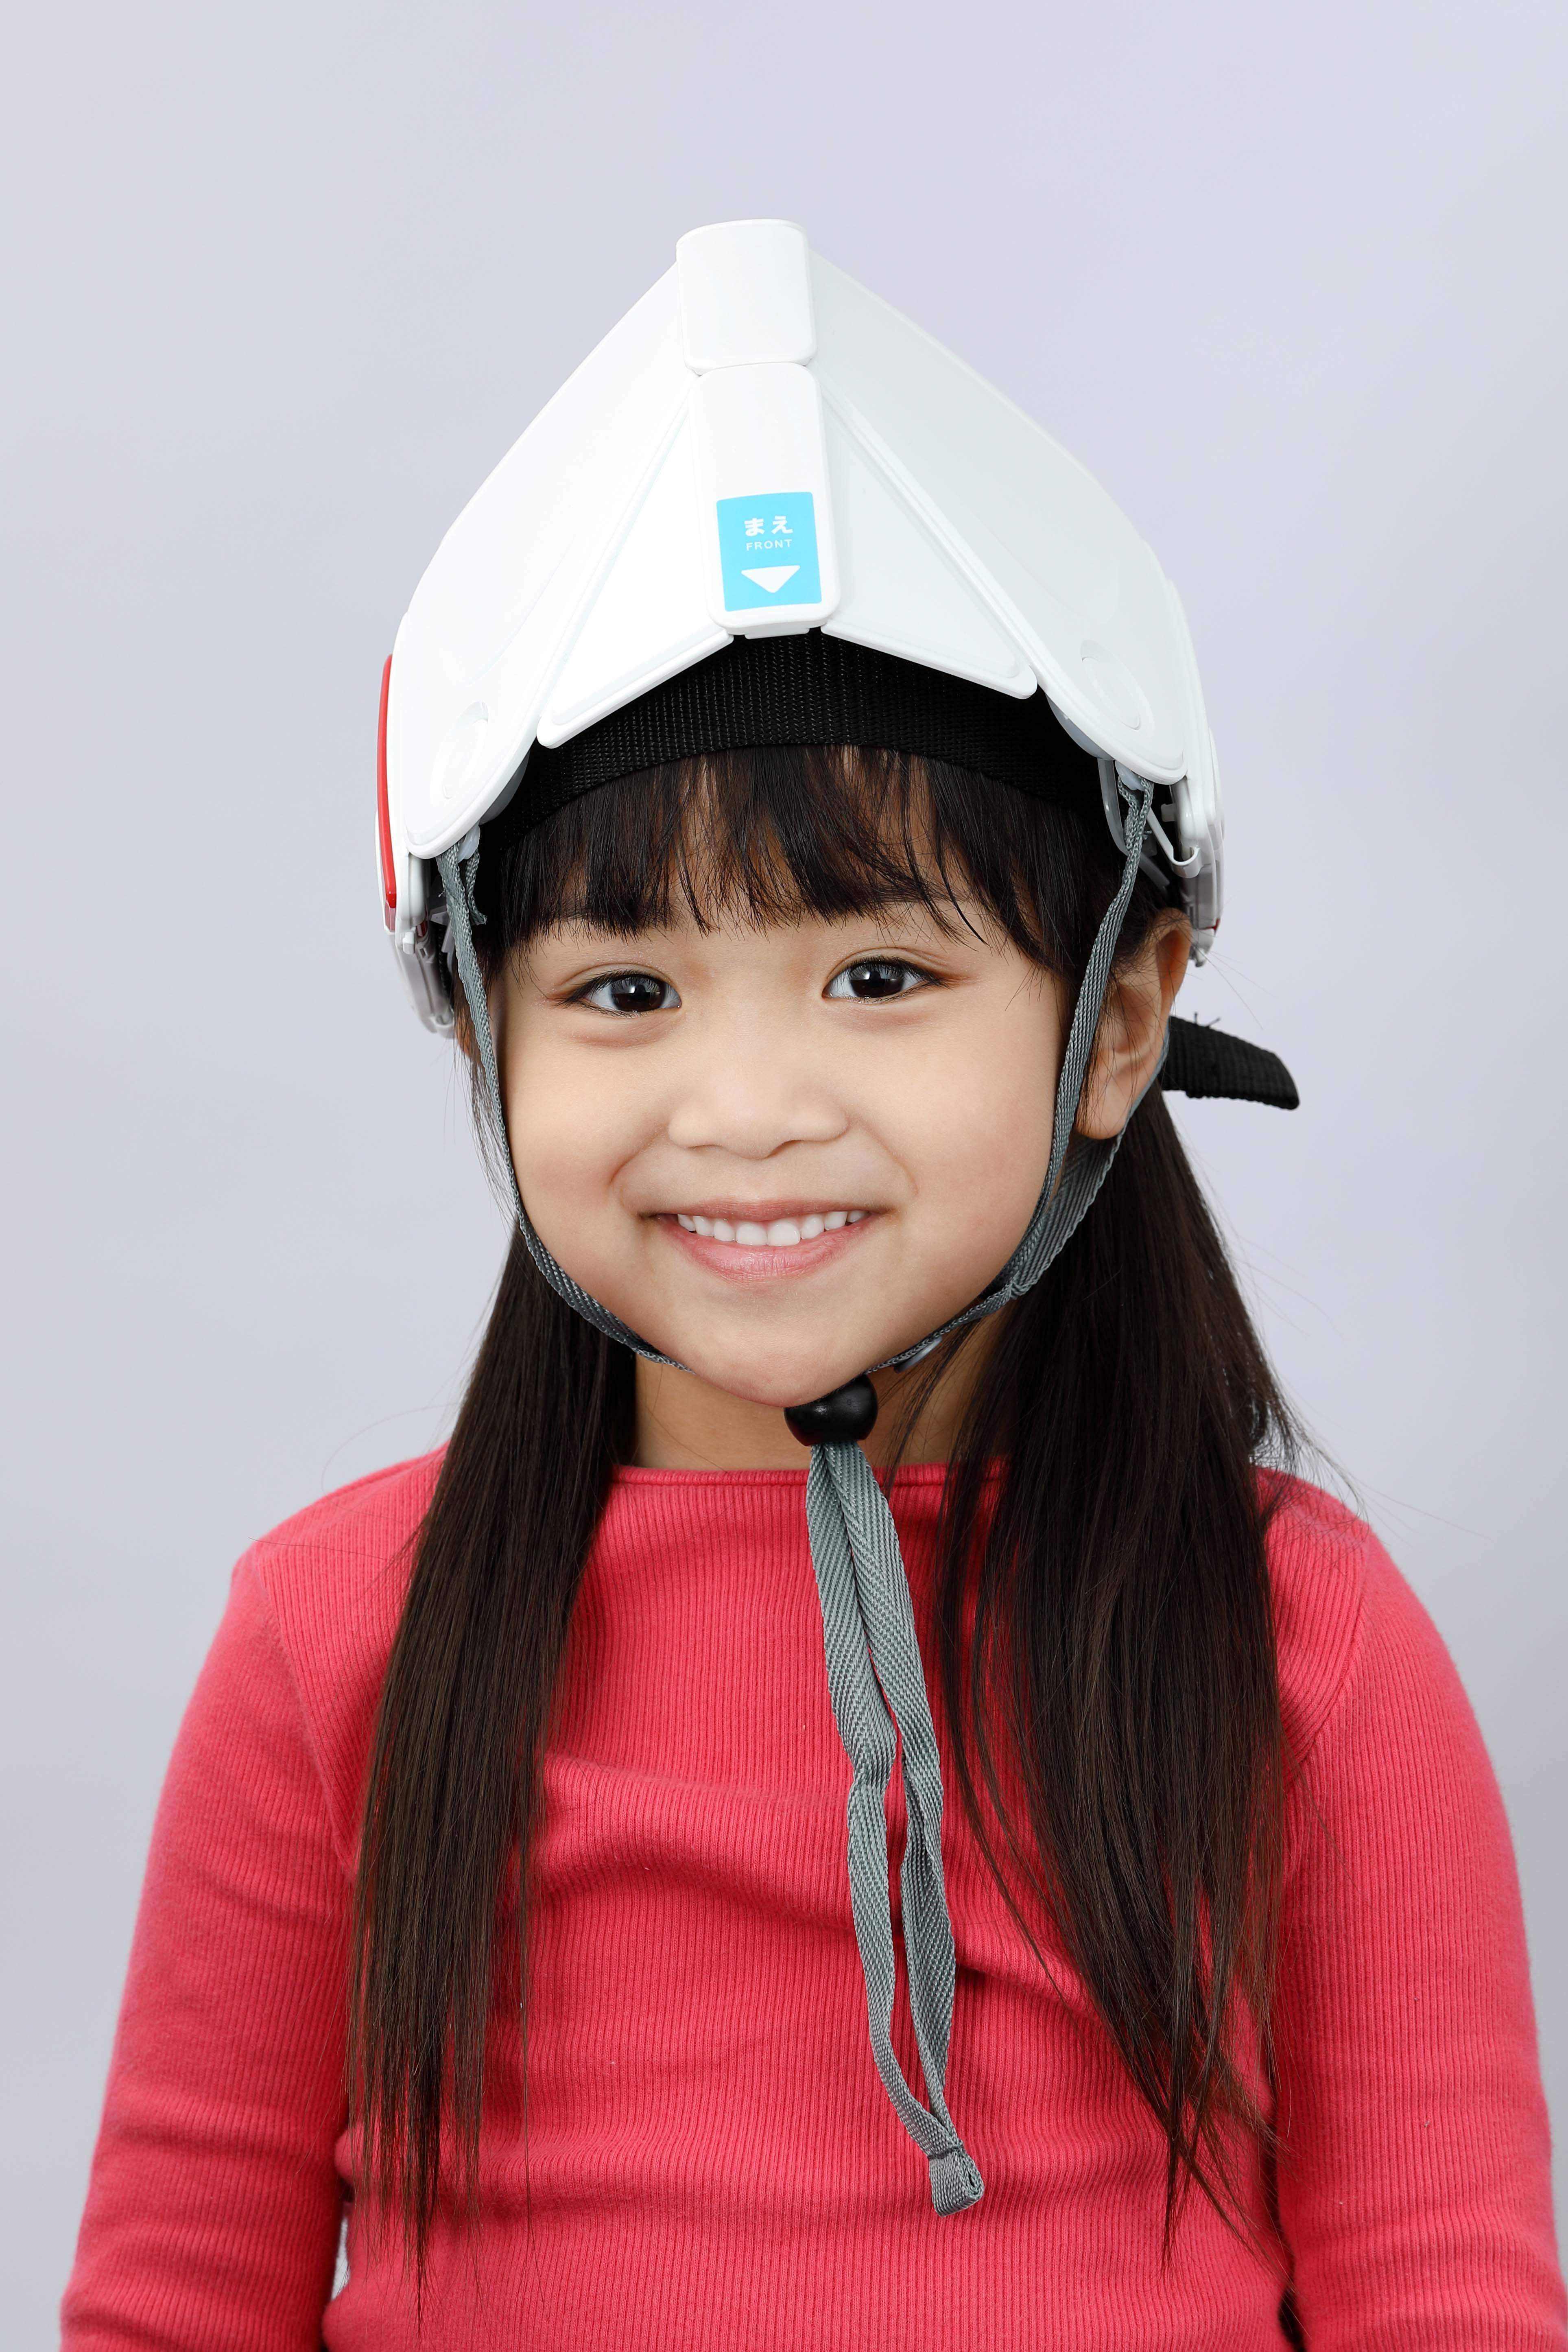 学校の机に備えておける子ども用折りたたみ防災ヘルメット「フラットメット キッズ」 6月21日新発売 <国家検定合格品>折りたためばランドセルにも収納可能<br />【同時調査】小学生保護者の4割が防災頭巾の安全性に不安<br />学校における子ども専用の防災ヘルメット備蓄率は2割に留まる